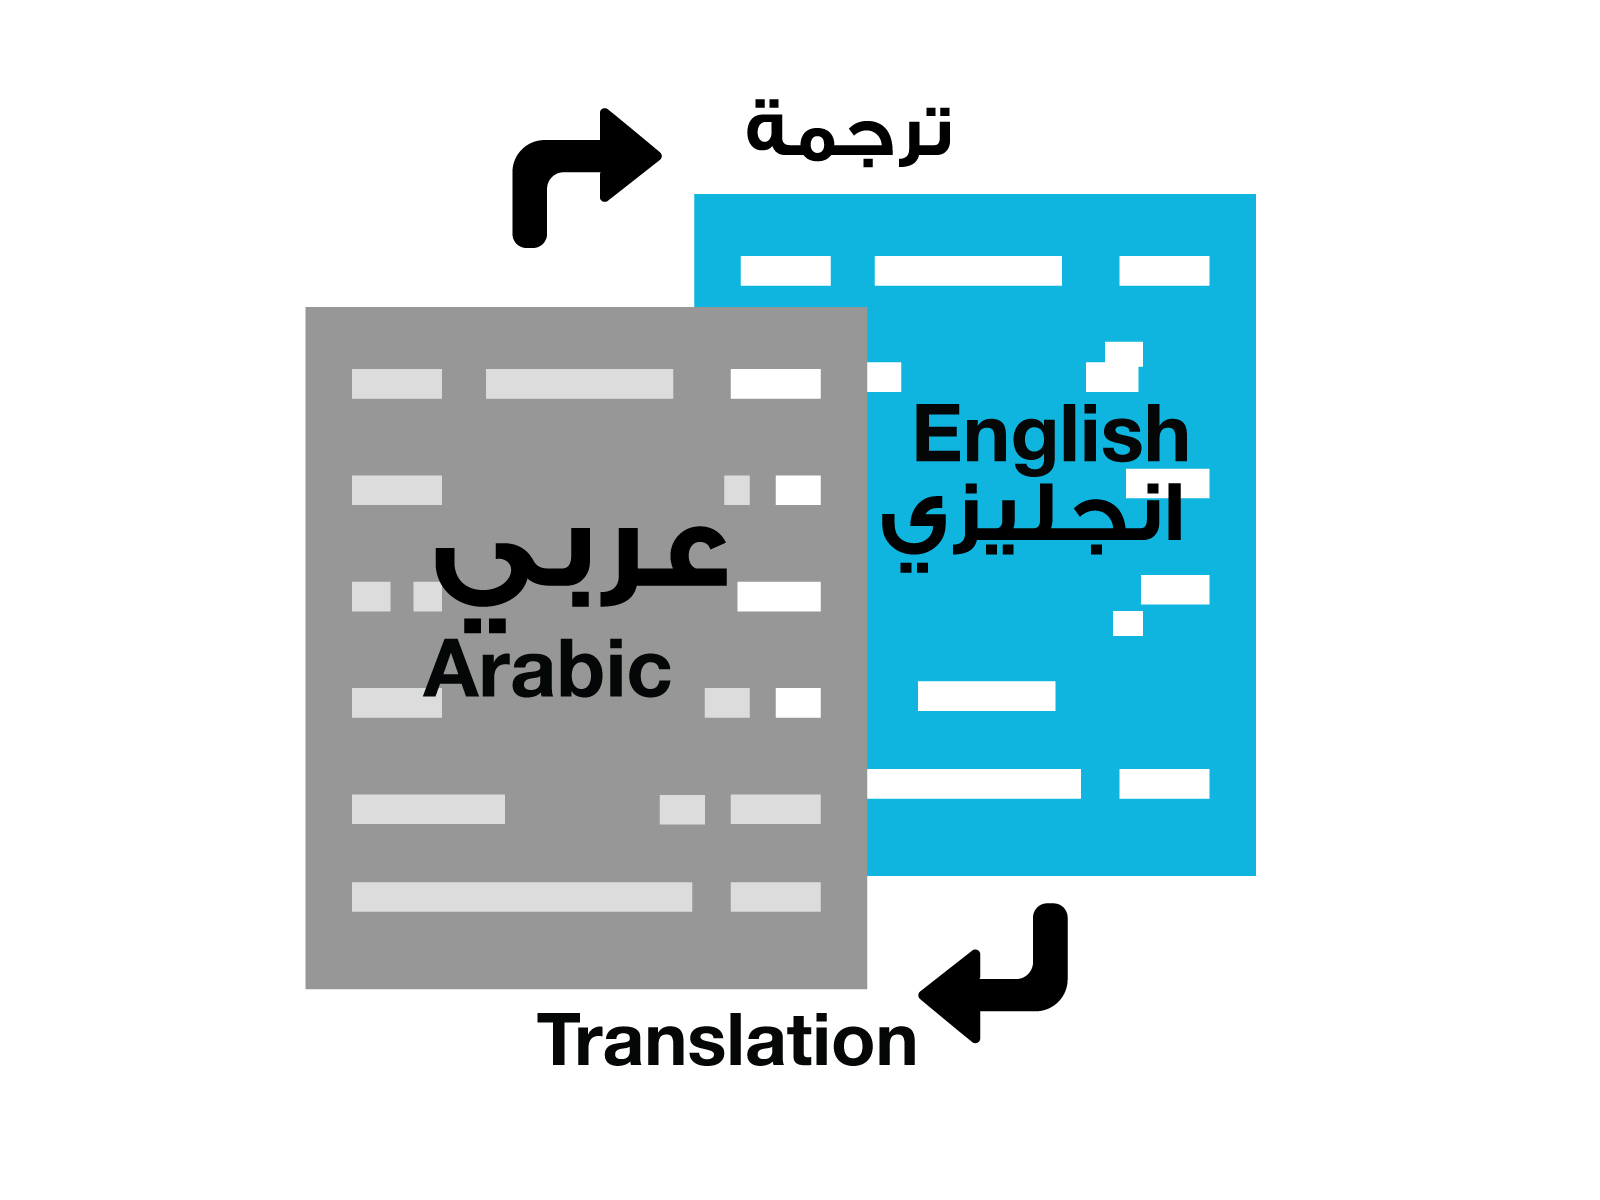 خدمة الترجمة عربي انجليزي في الكويت